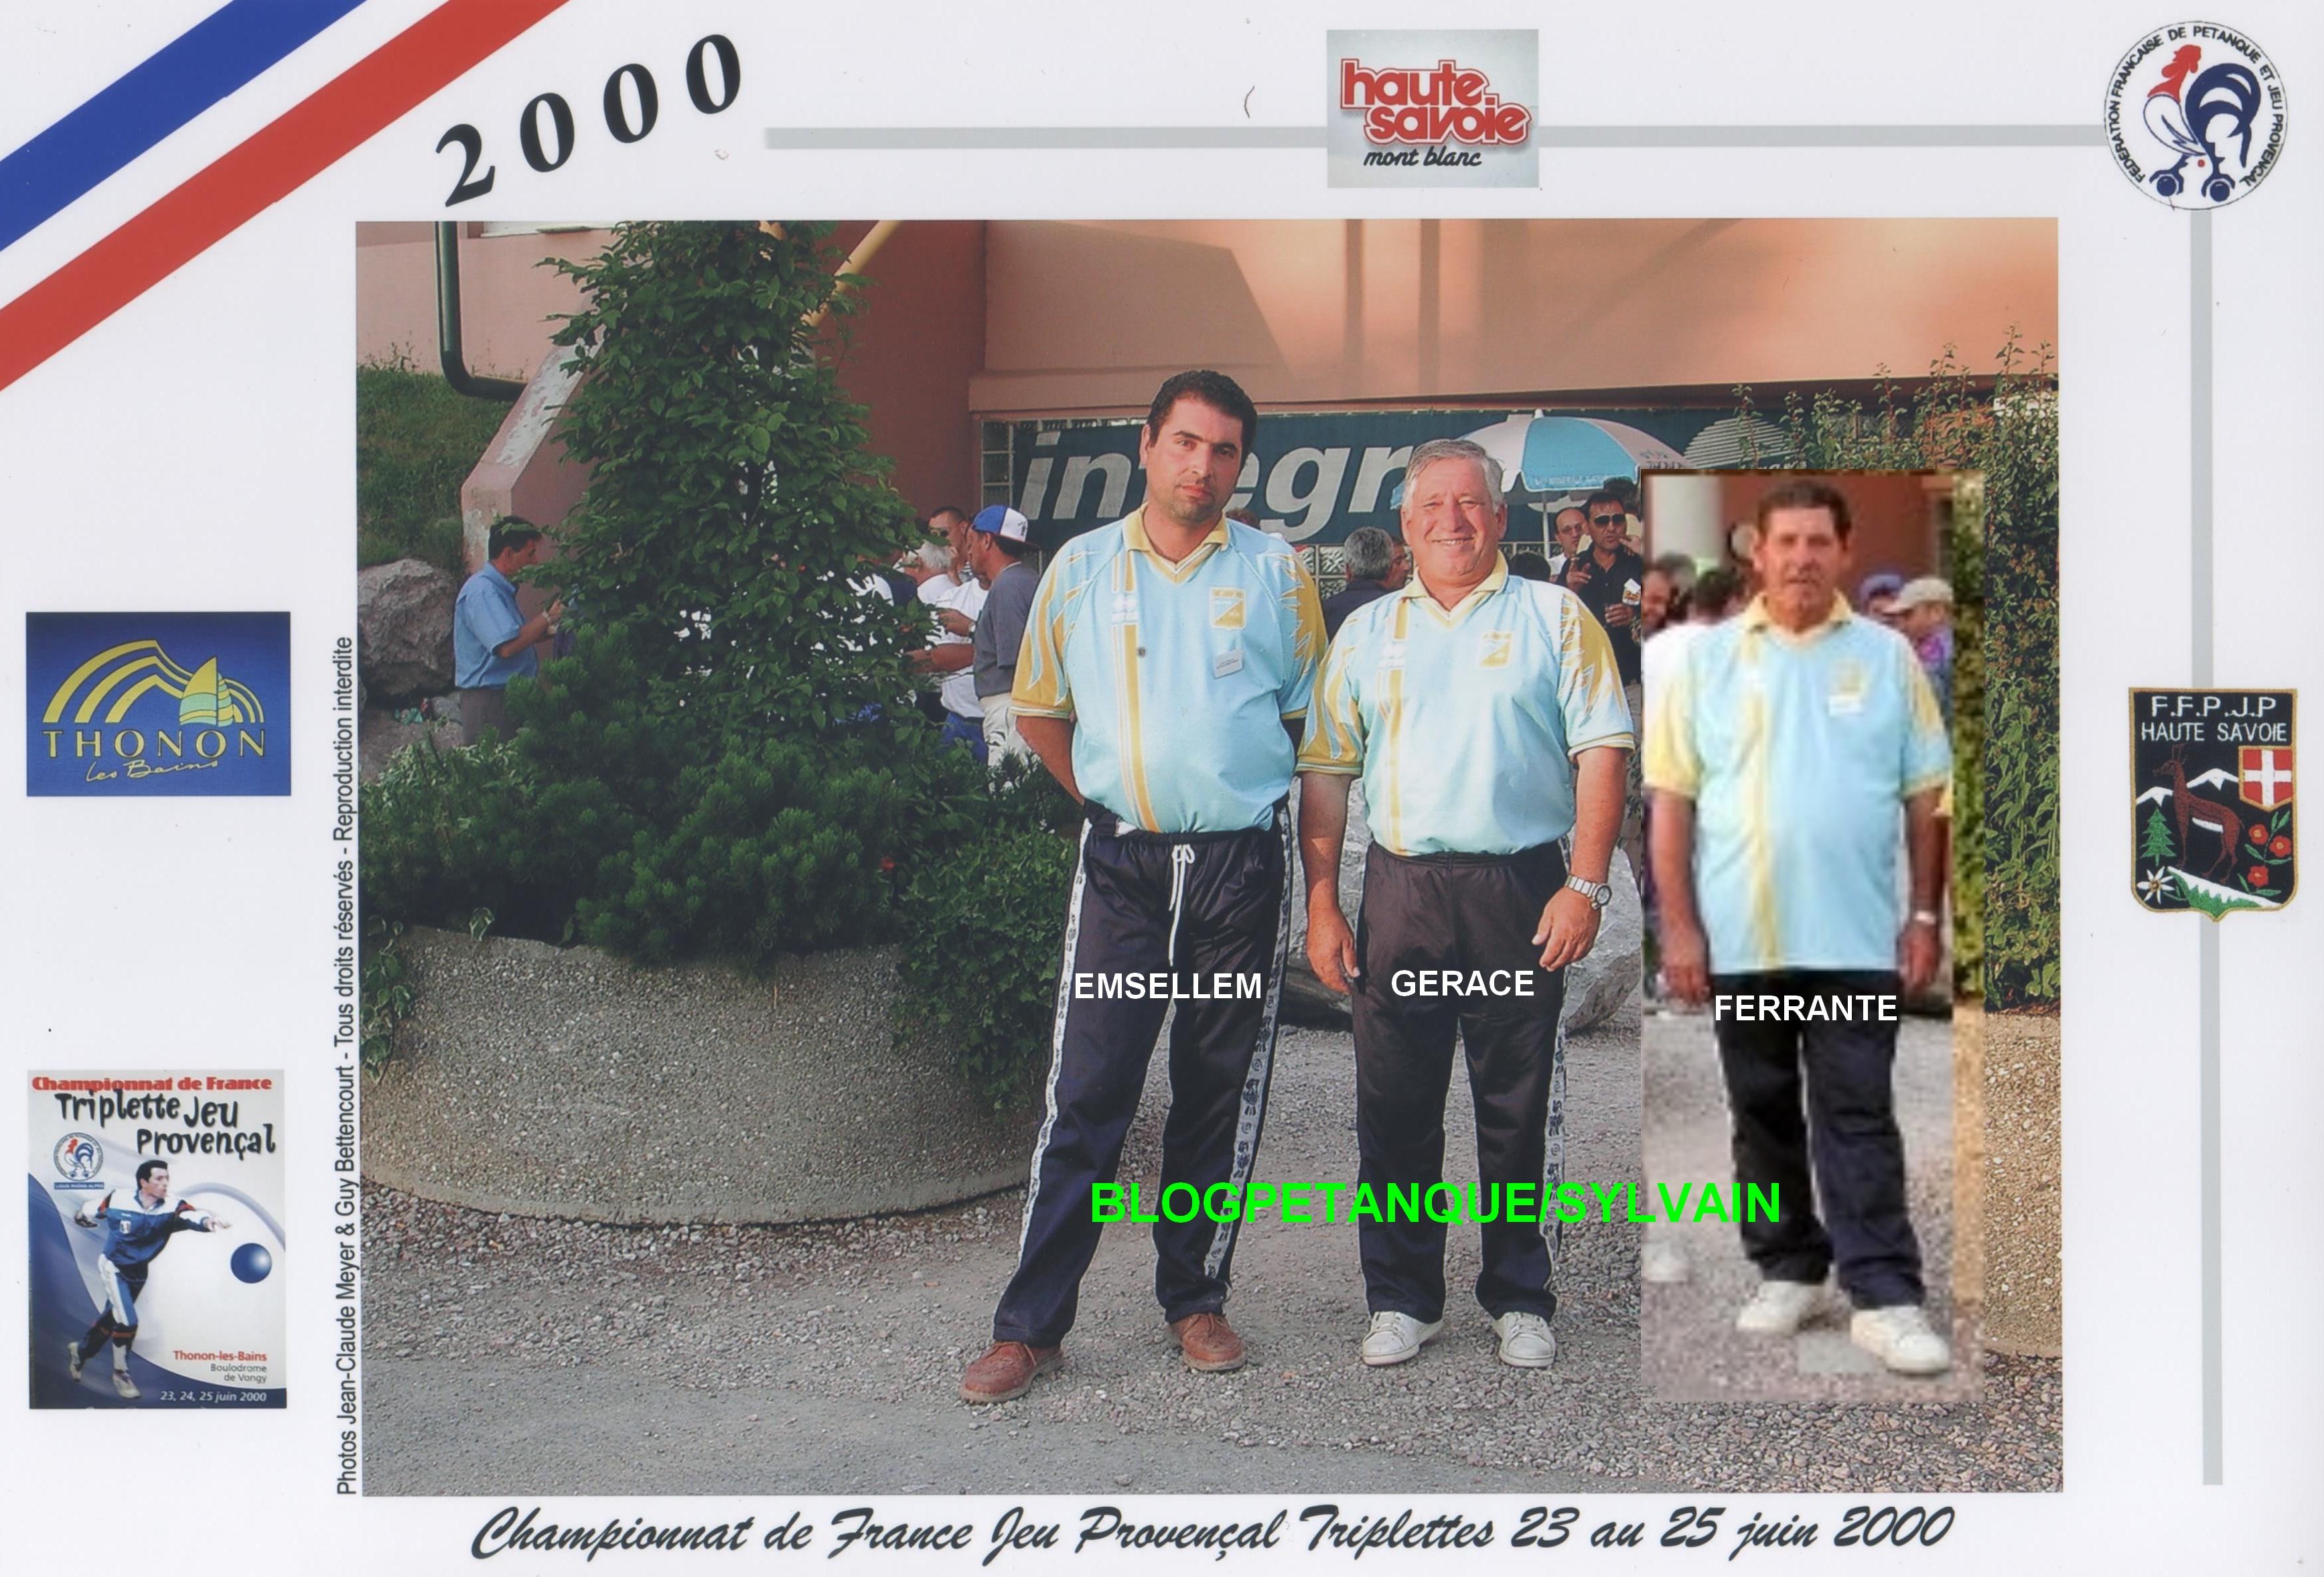 L'année 2000 au Jeu Provençal